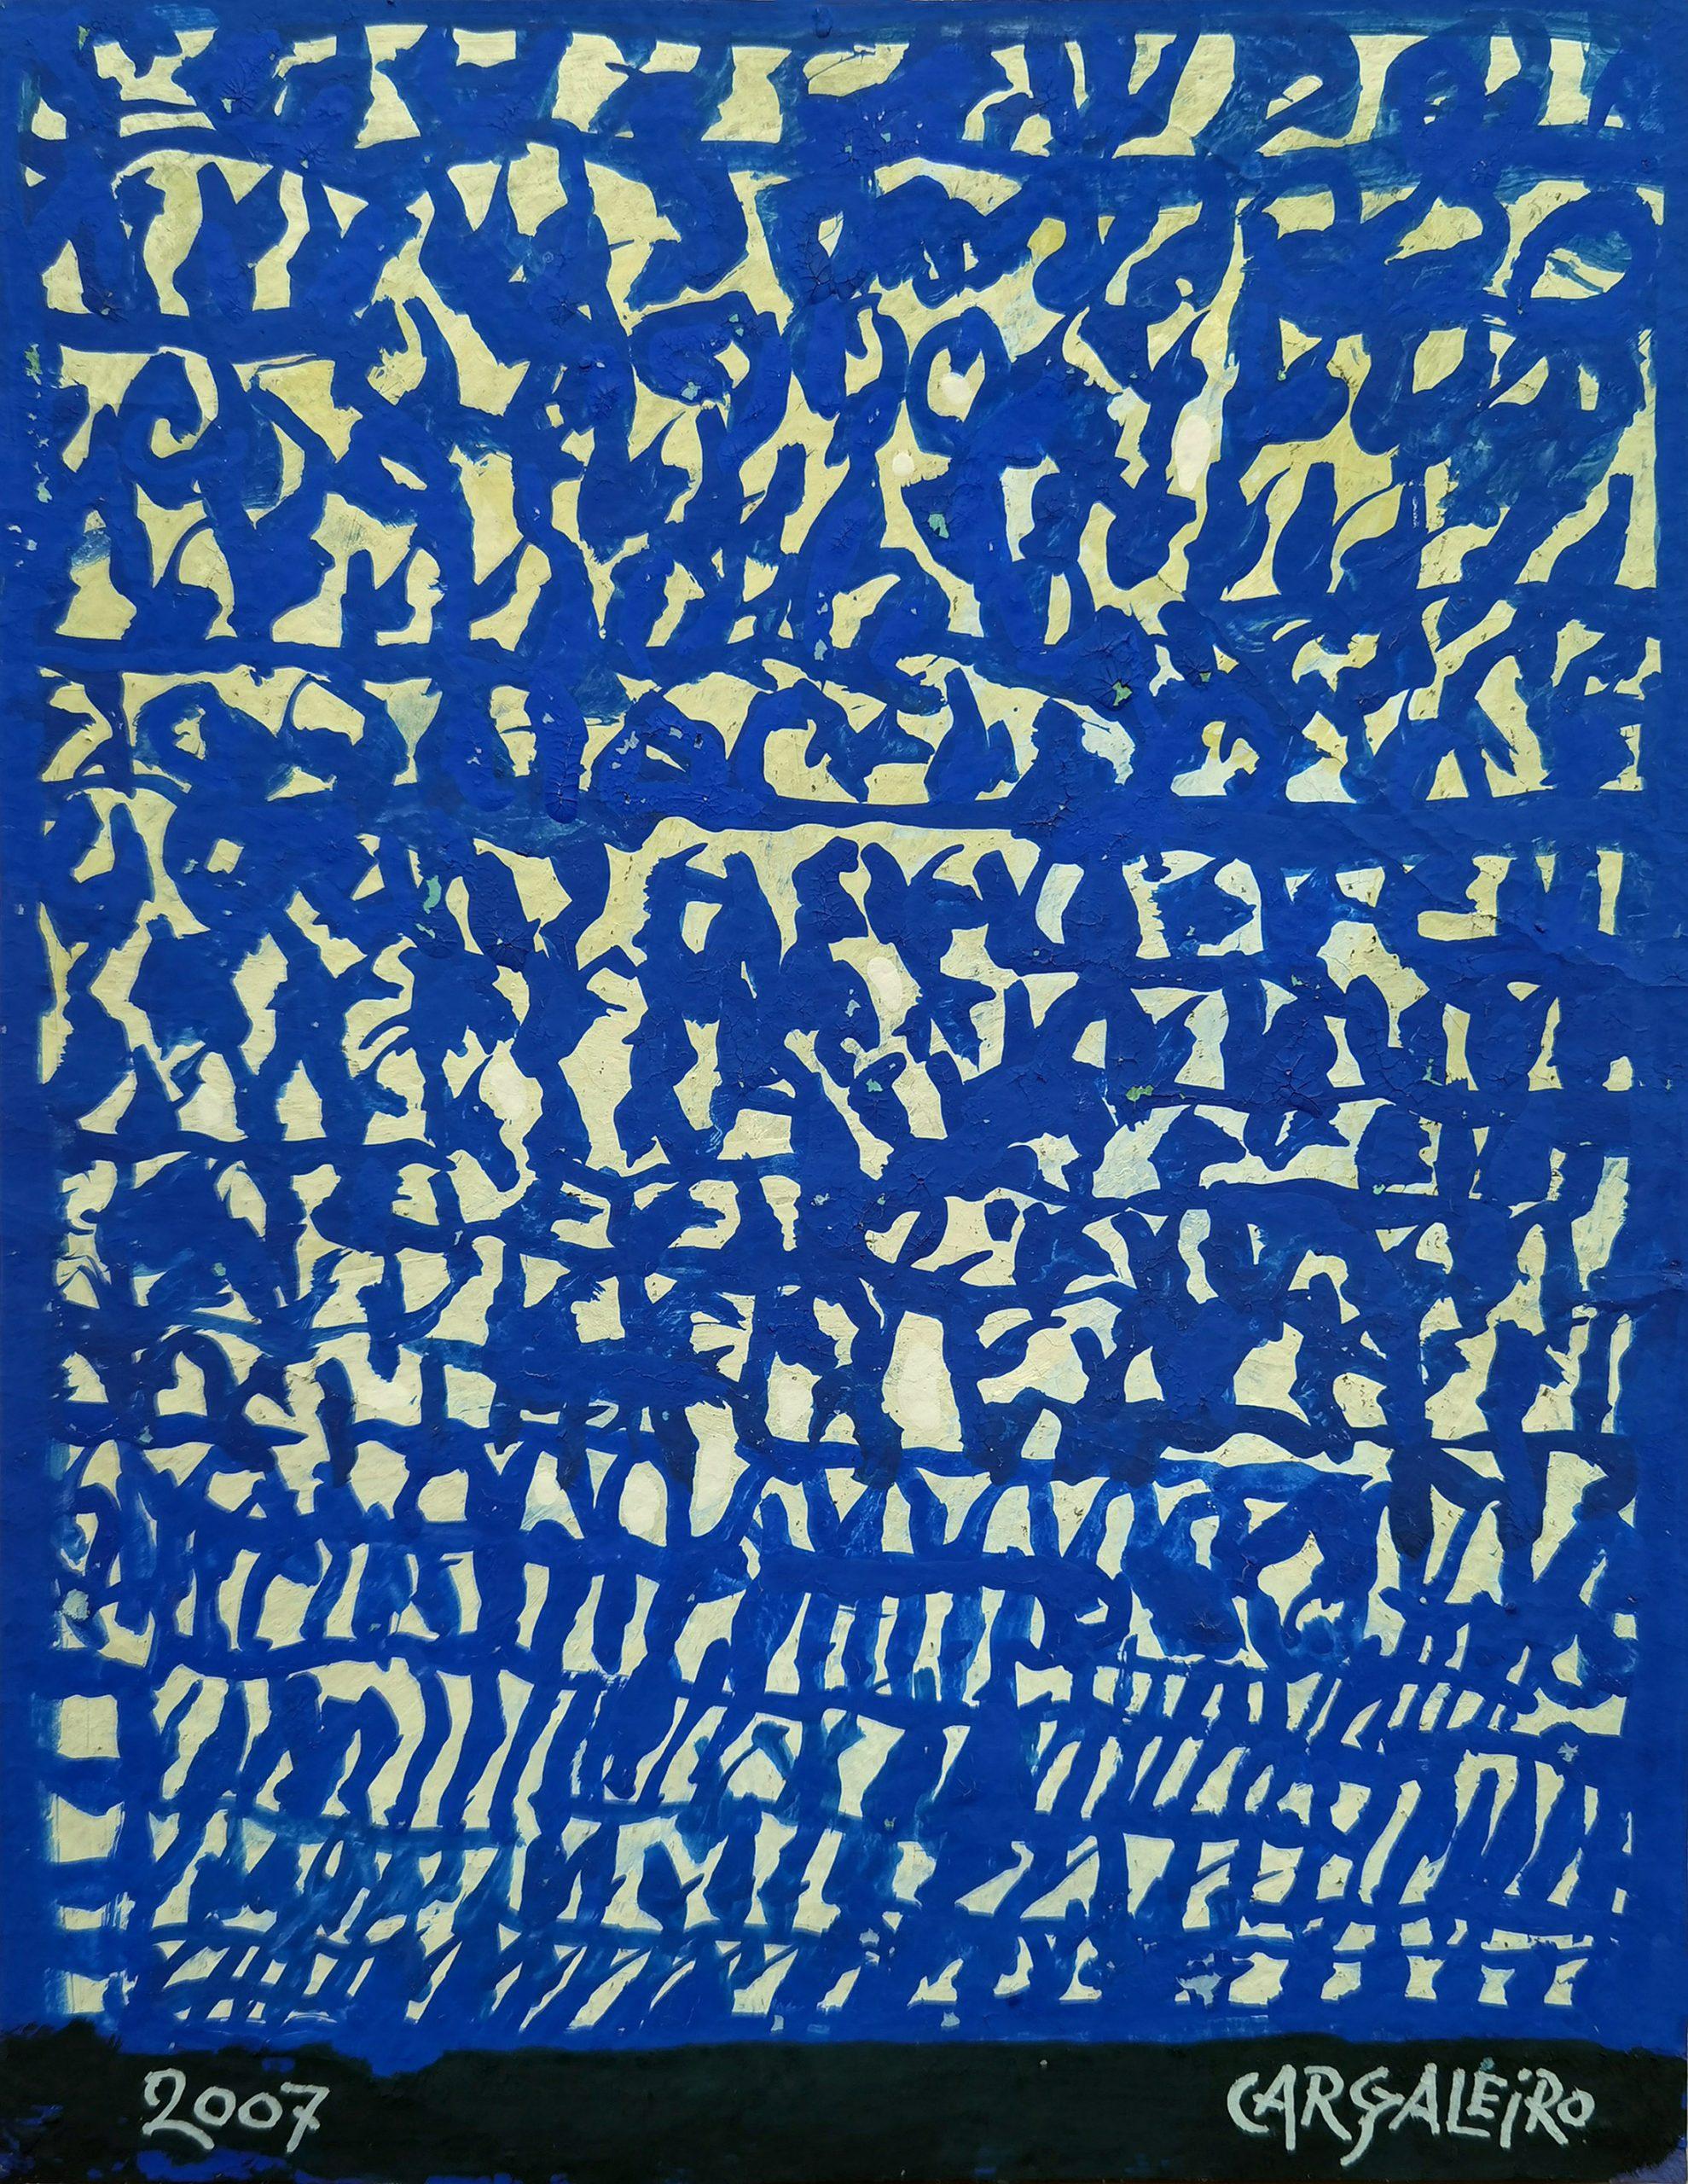 Composição, guache sobre papel chiffon, 25,5 x 19,9 cm, 2007